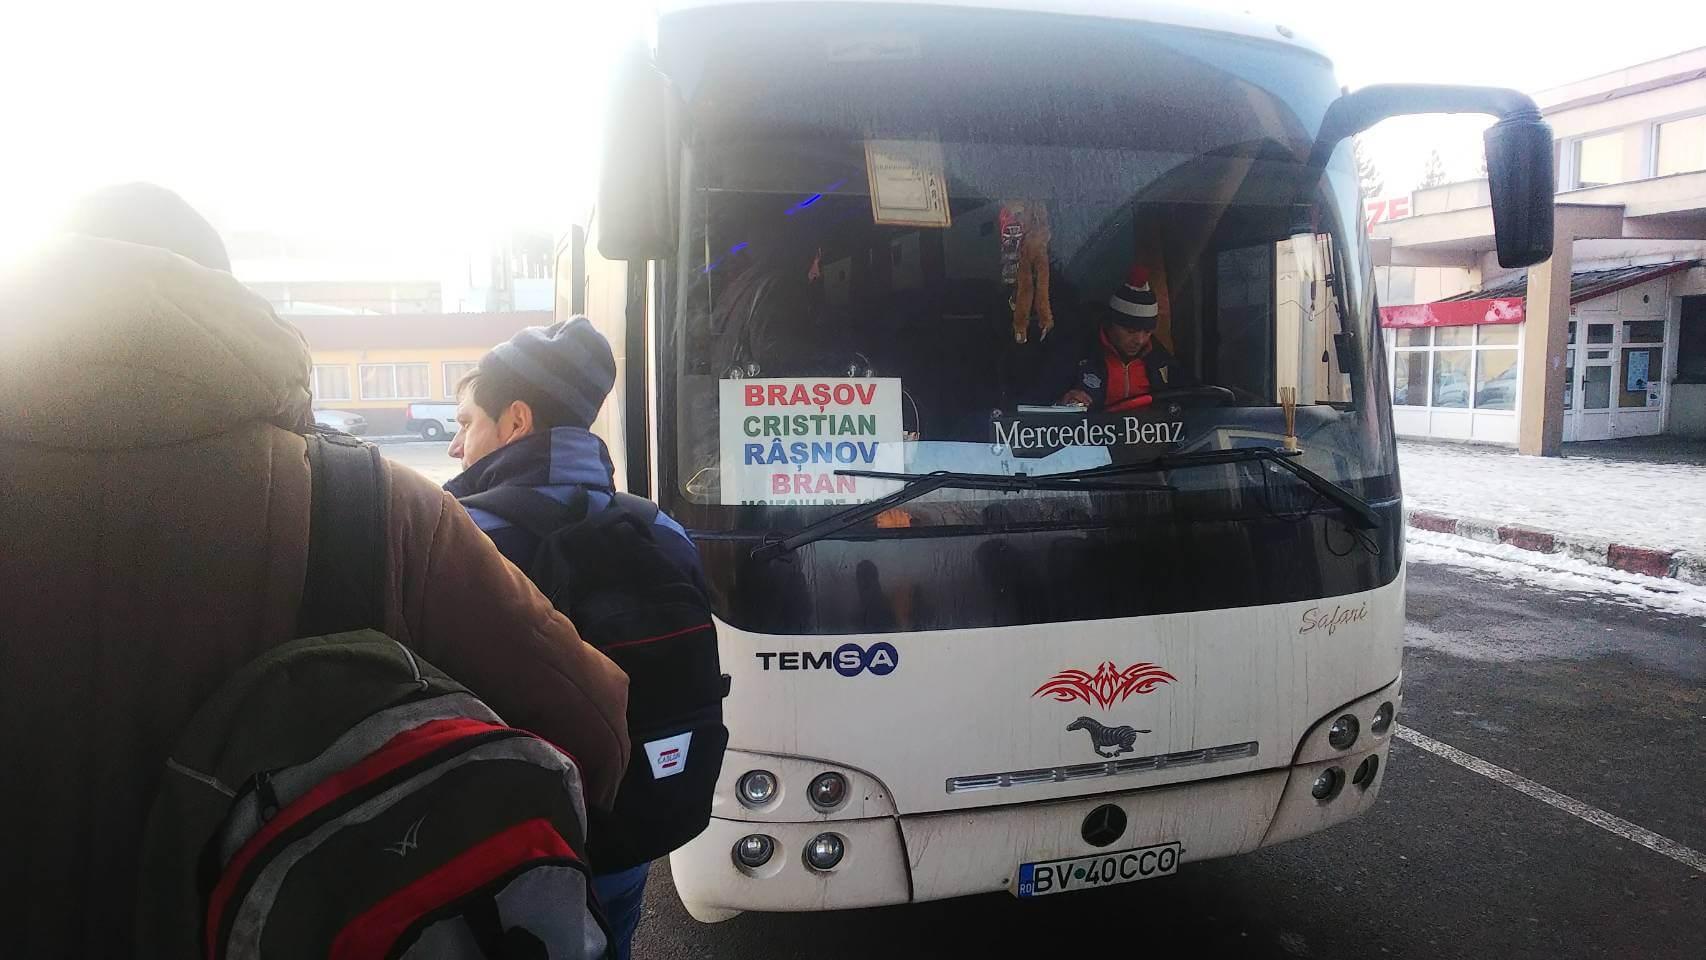 ブラショフからドラキュラで有名なブラン城へバスで行く方法の解説!